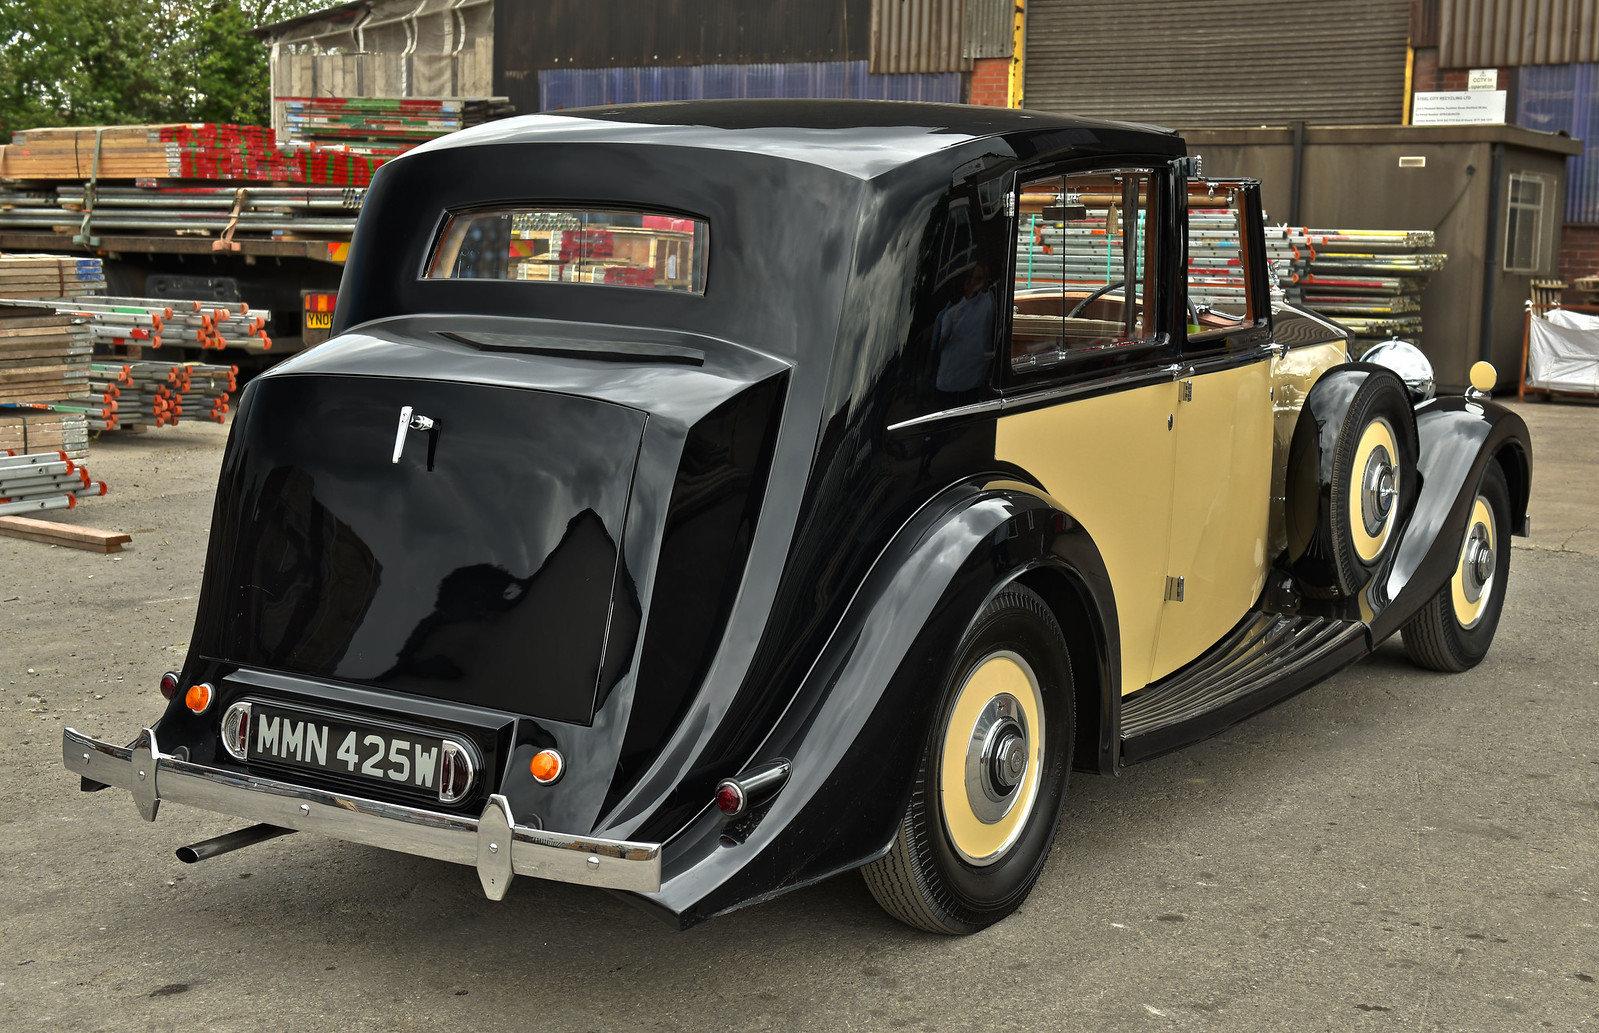 1937 Rolls Royce Phantom 3 Barker Razor Edge Sedanca For Sale (picture 2 of 6)